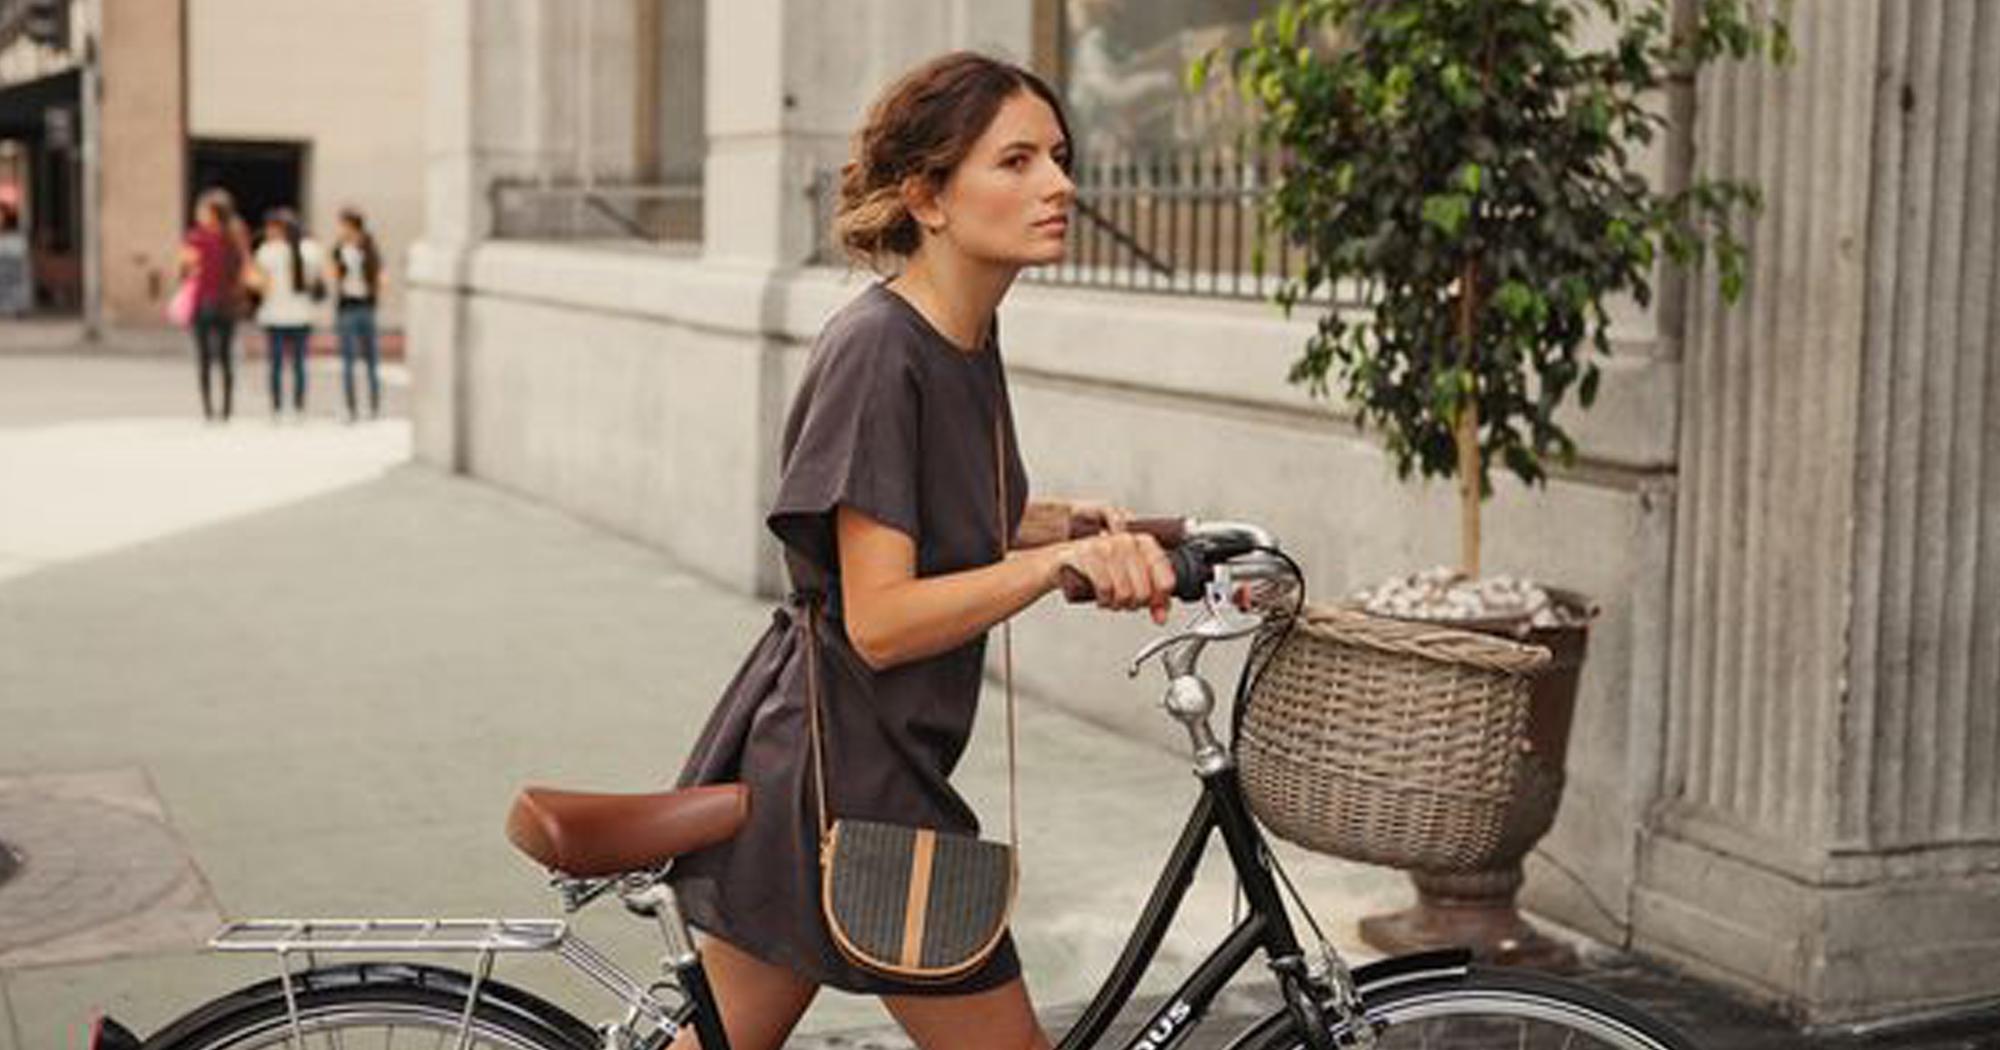 Frisuren Furs Fahrradfahren